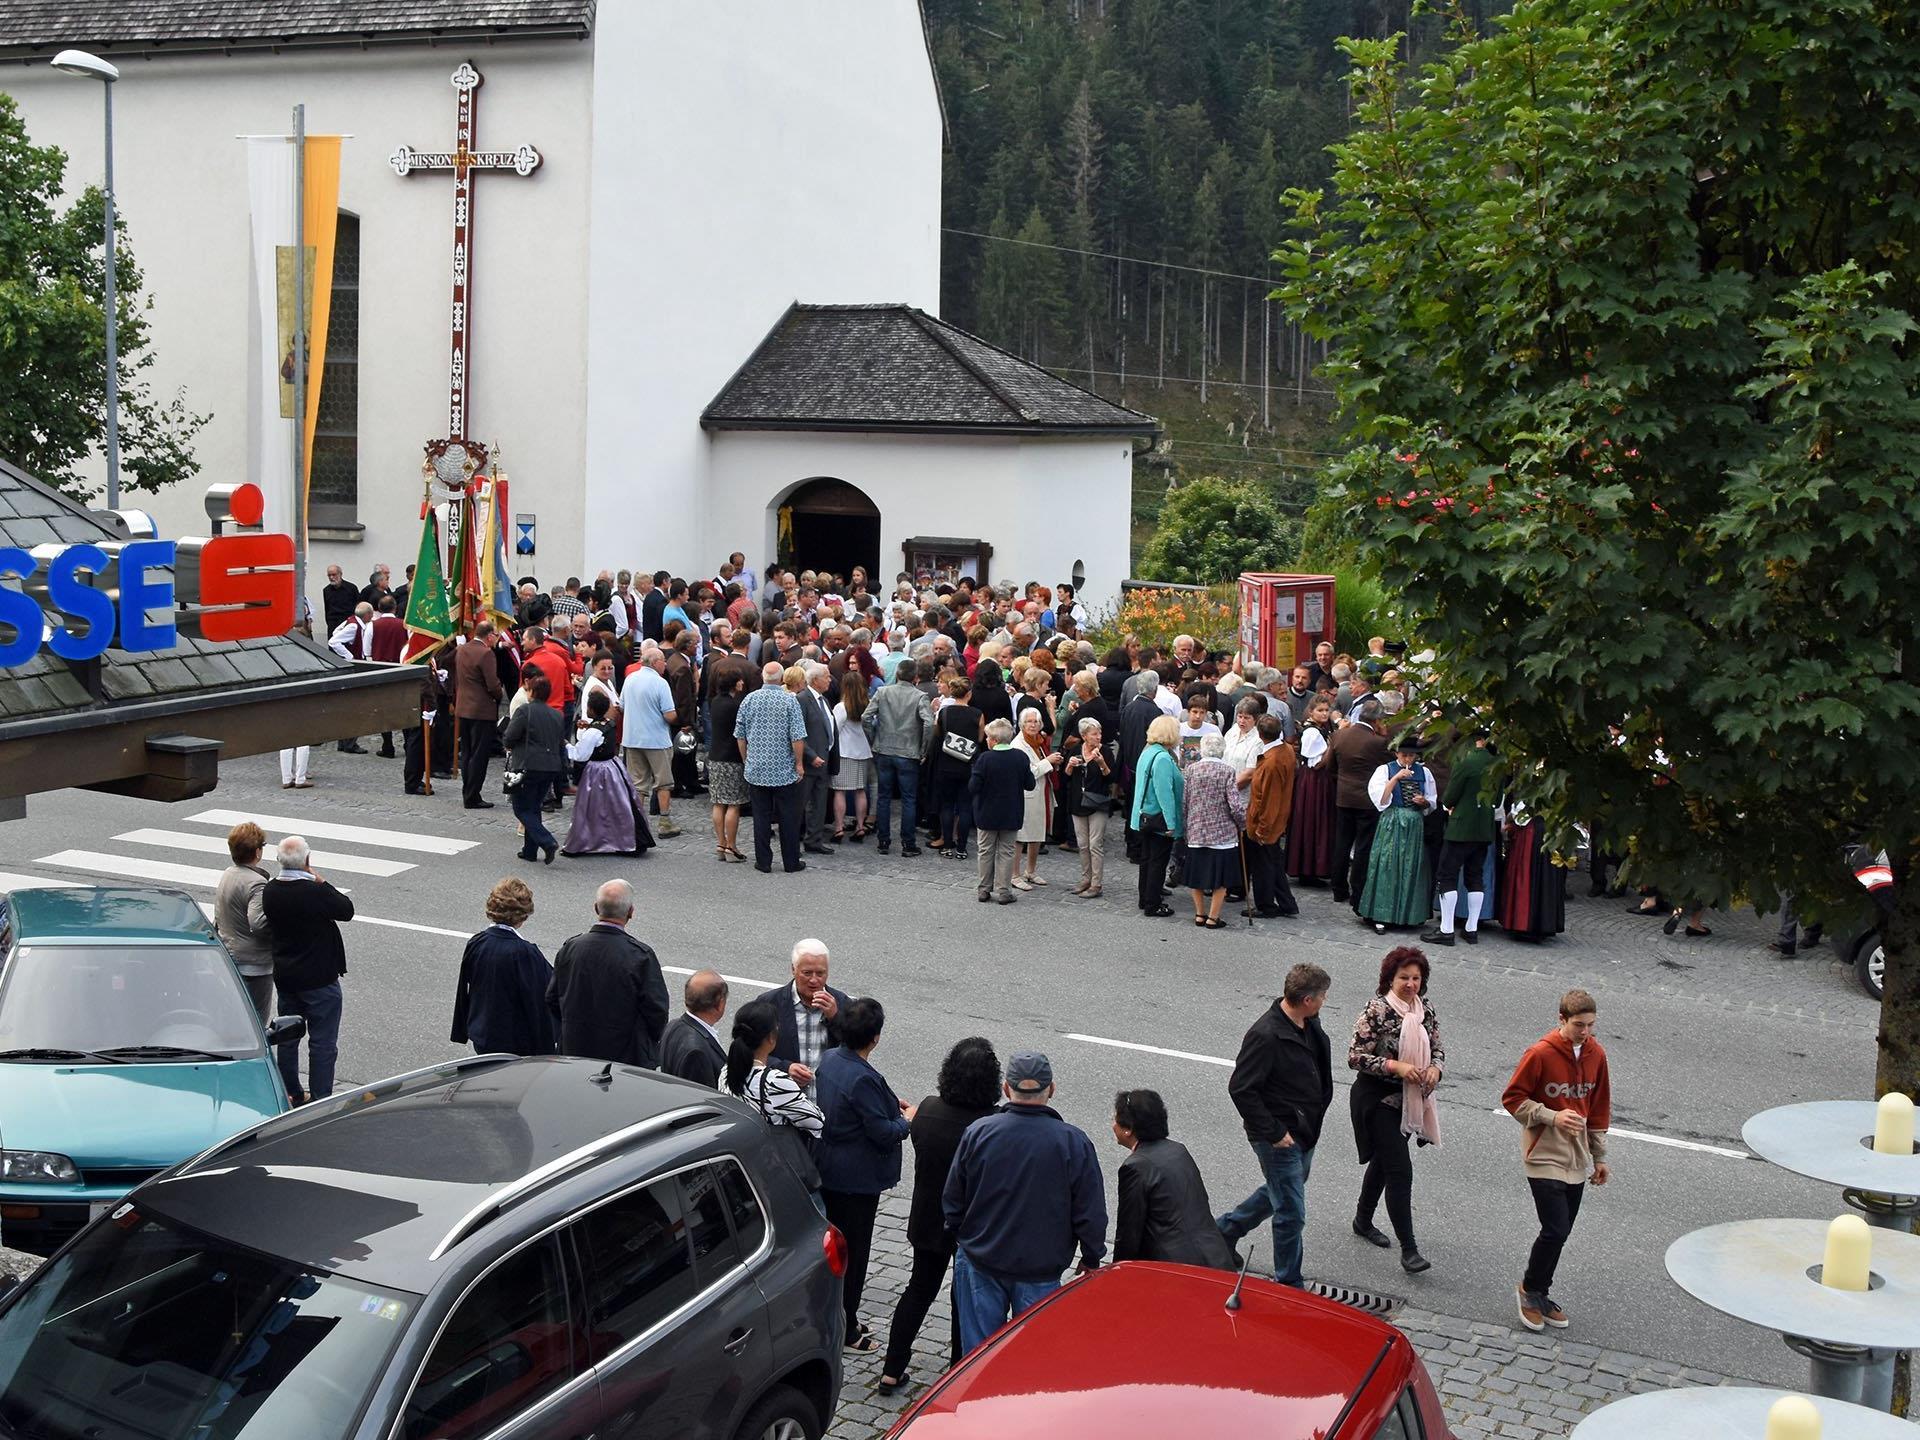 Großen Andrang bei der Pfarrkirche St. Gallenkirch gab es vor Kurzem beim Priesterwechsel.